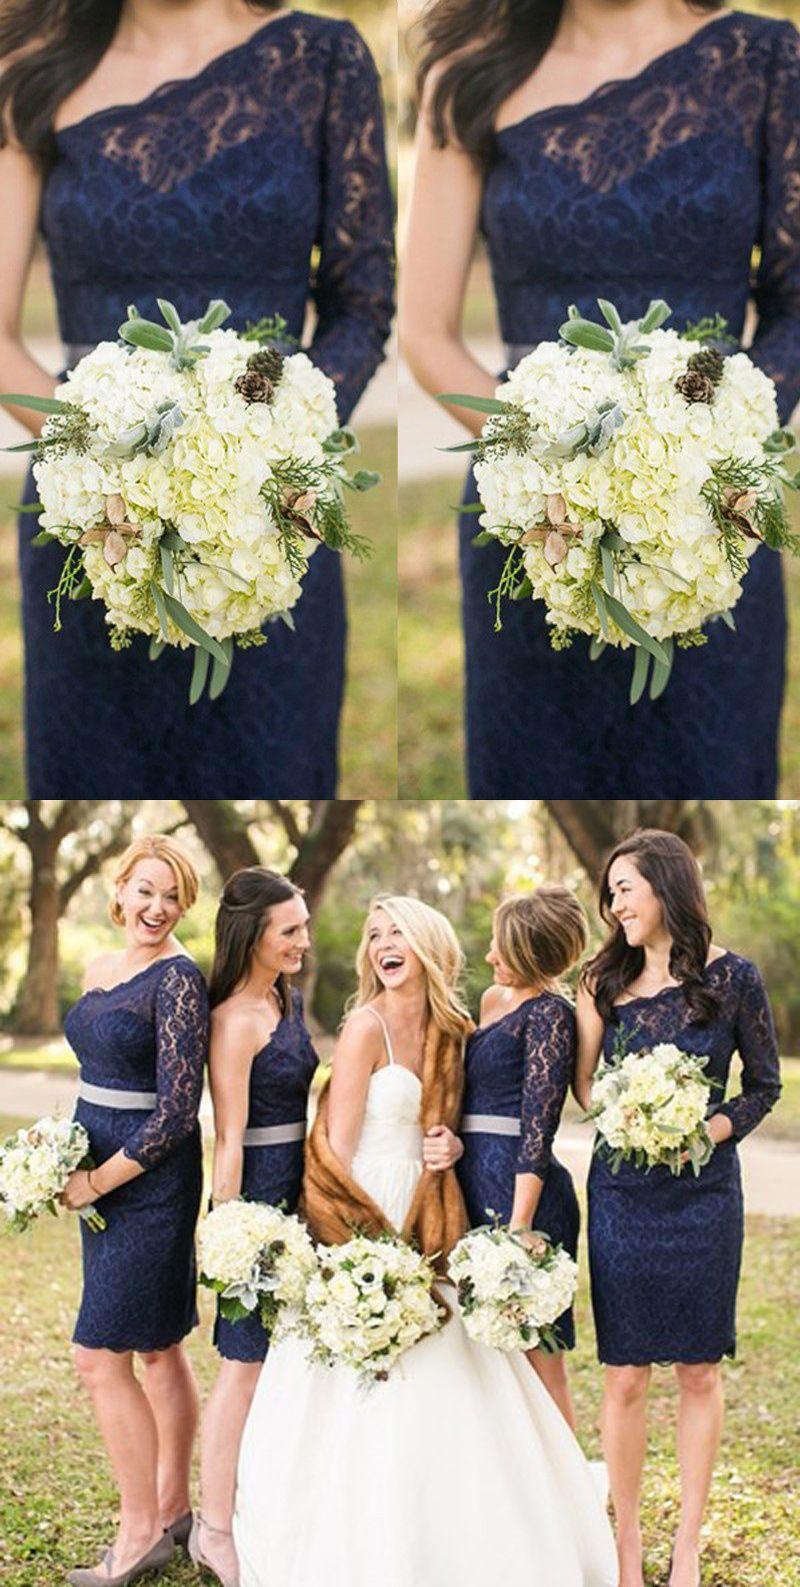 short bridesmaid dresses, navy blue bridesmaid dresses, lace dresses ♦F&I♦